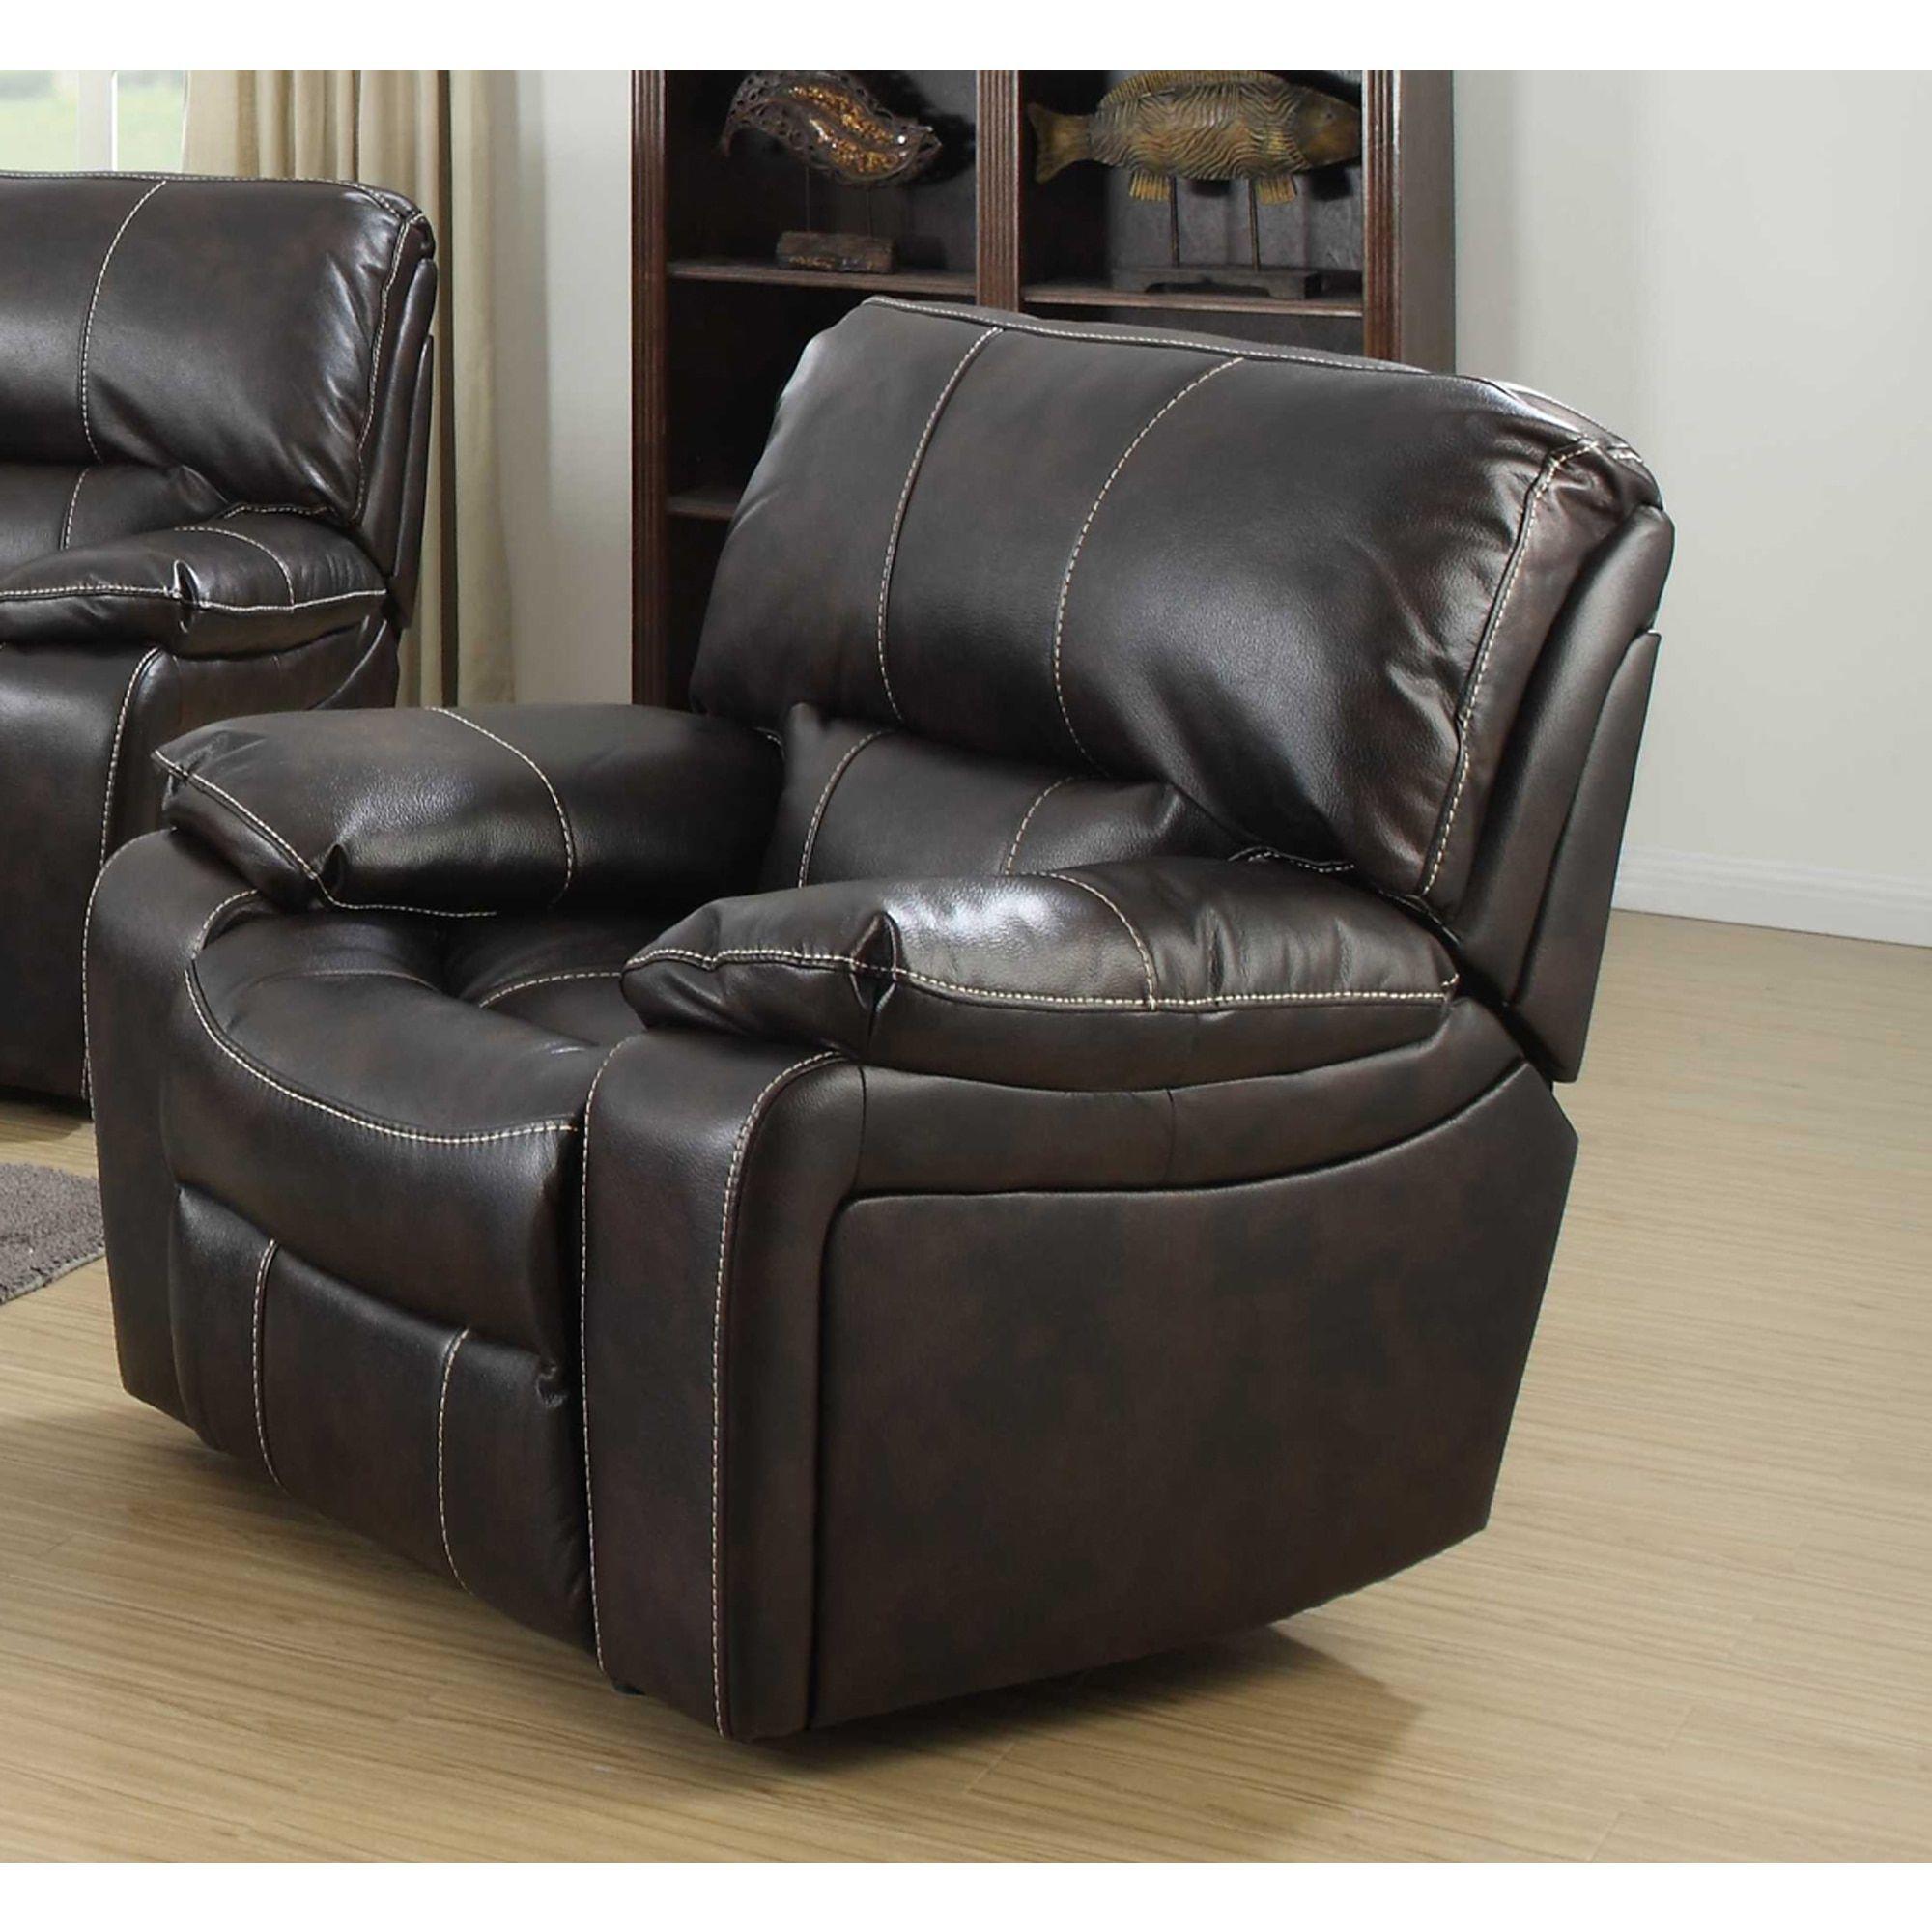 Silverado Contemporary Dark Leather Rocker Recliner Chair